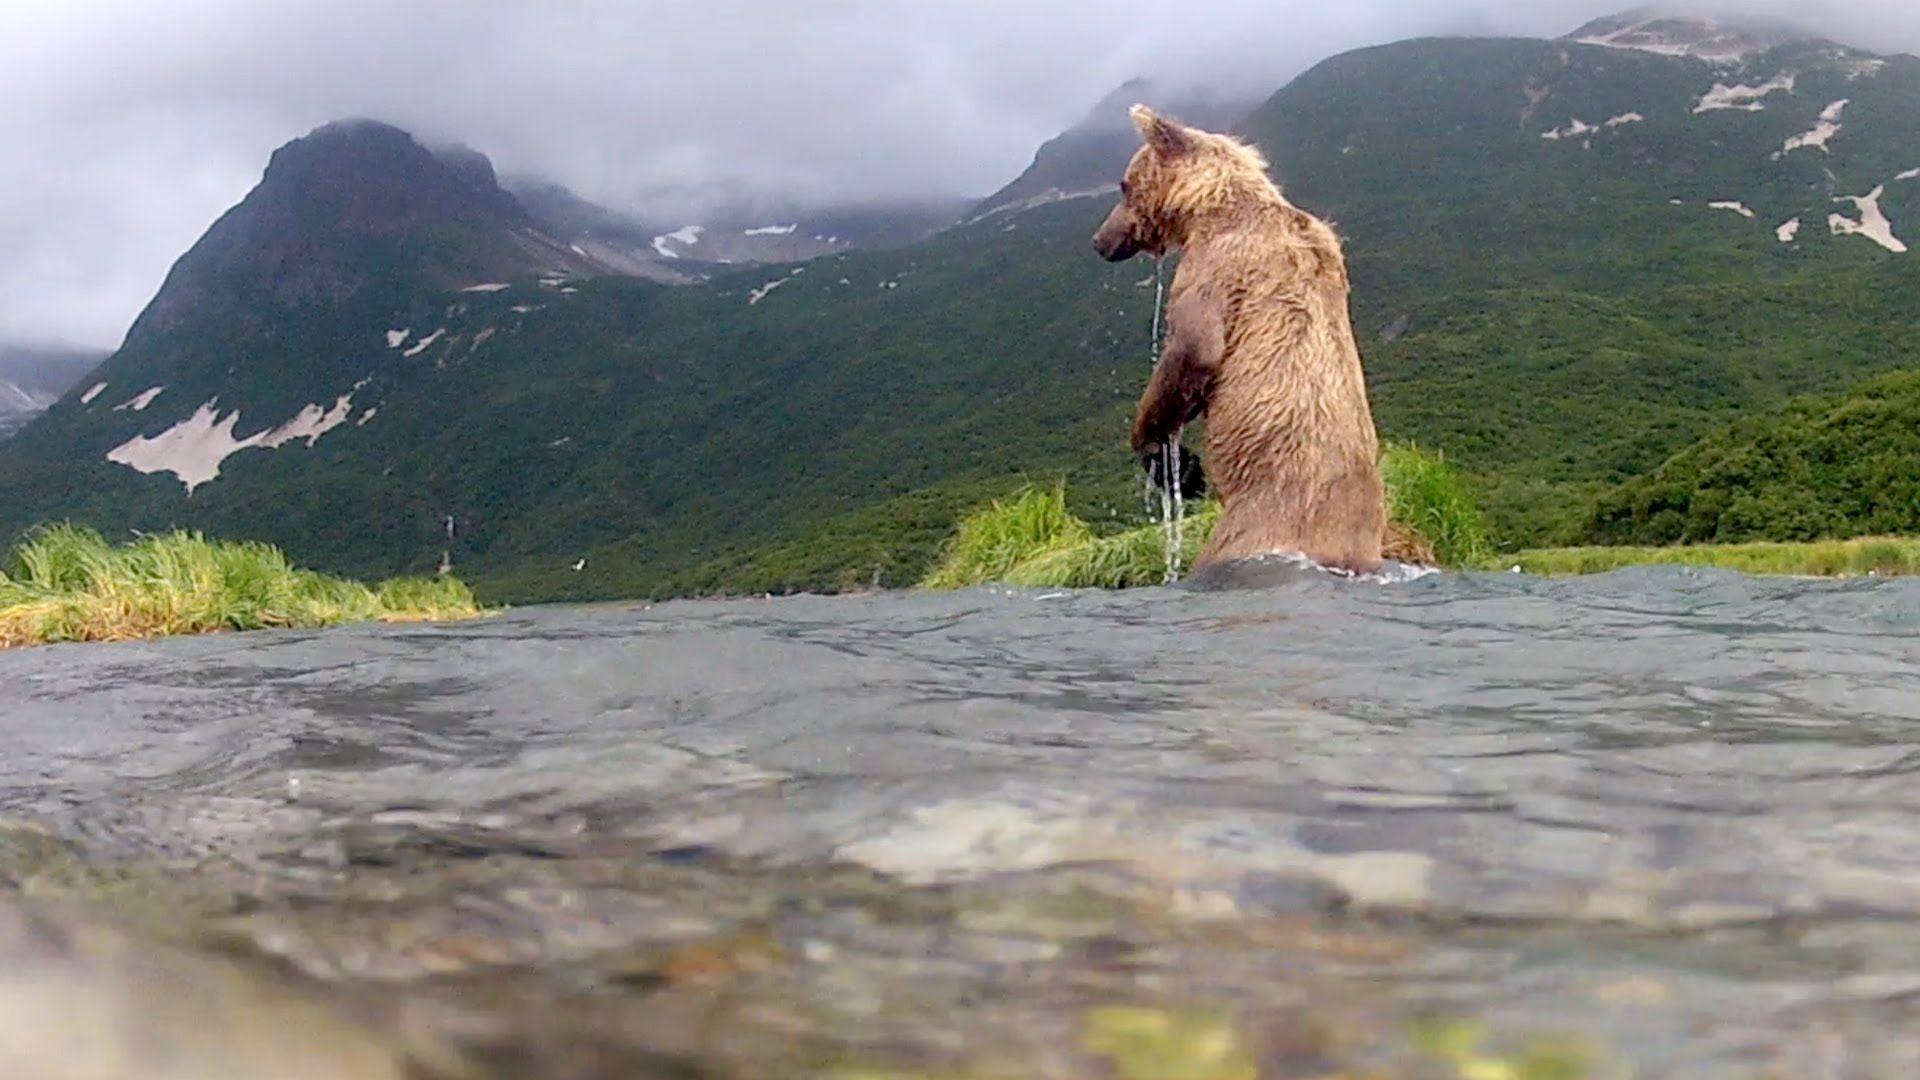 Viel leckerer als der Fisch, diese GoPro!